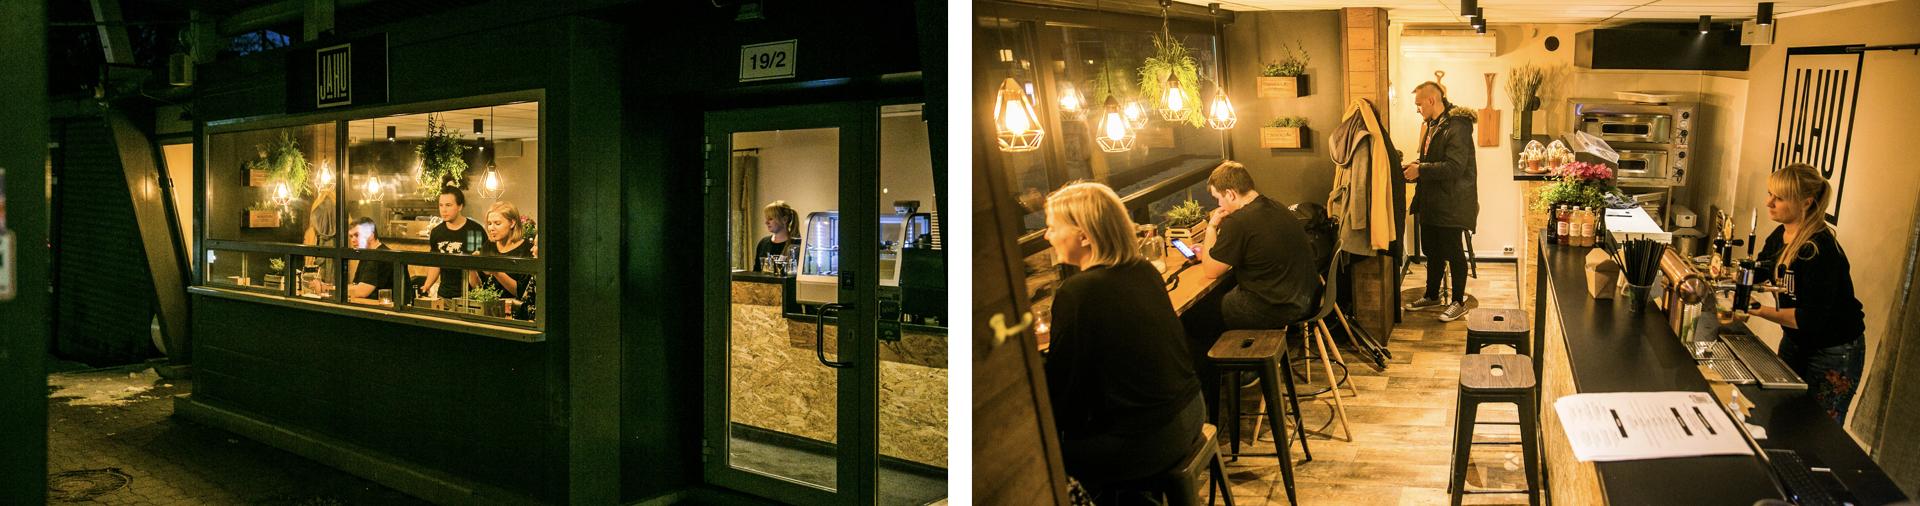 45c0763f6aa Vadim Pärn, Polina Ladnova ja Aleksei Fedorenko kohtusid puht juhuslikult.  Polina oli just emaks saanud ning otsis Raekoja platsil asuva restorani  juhataja ...